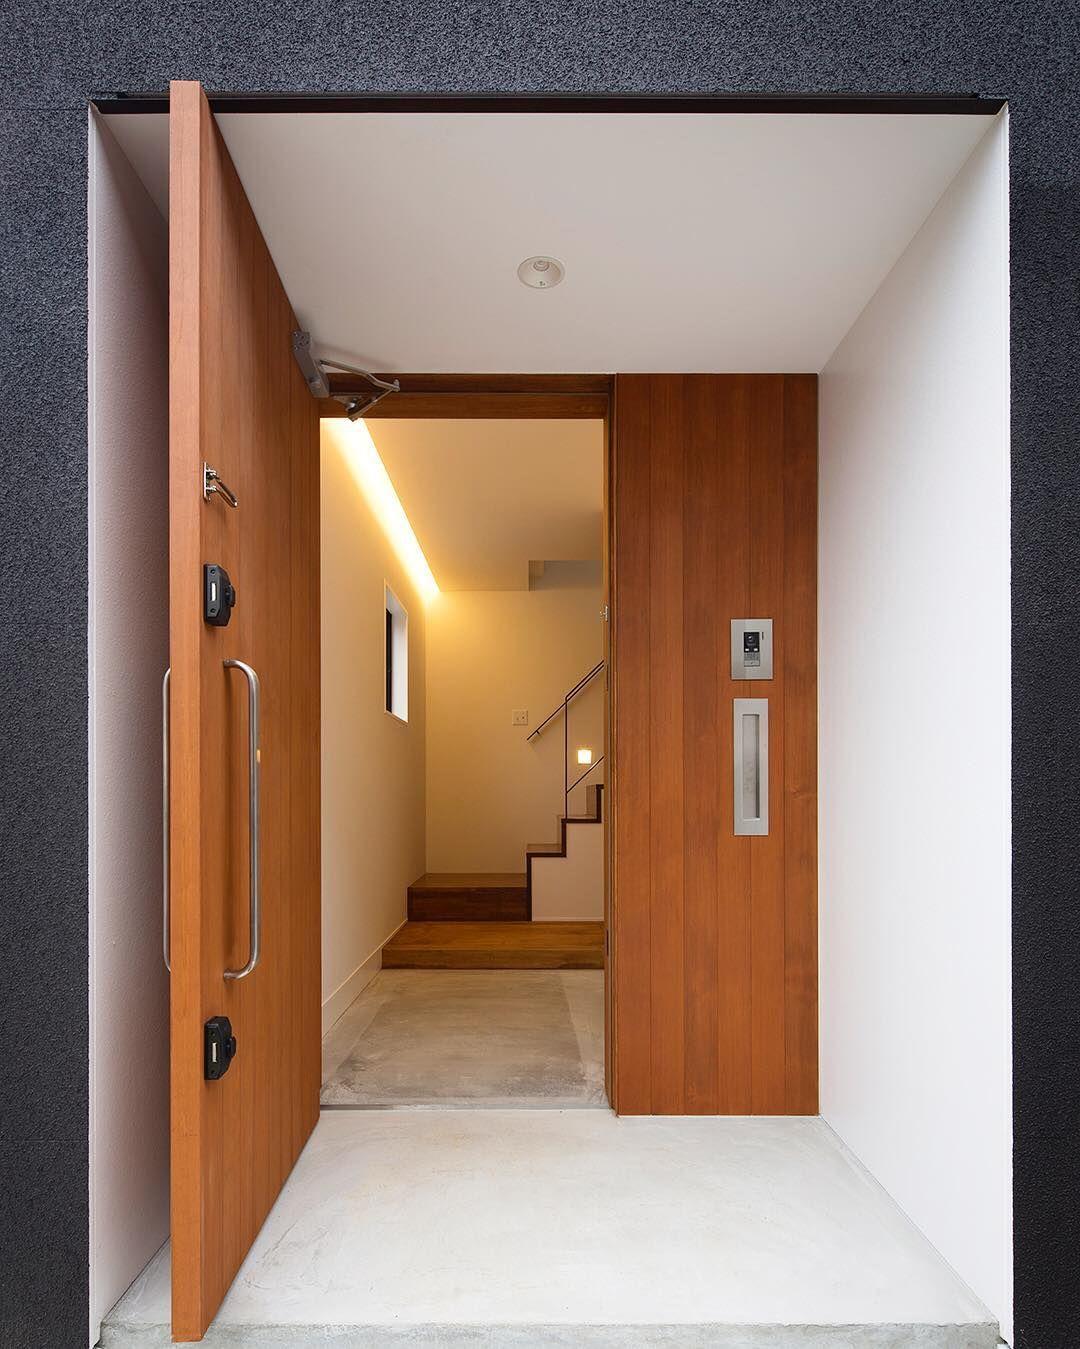 和風モダンハウス 壁と一体化する木製玄関扉 Ldhomes ラブ